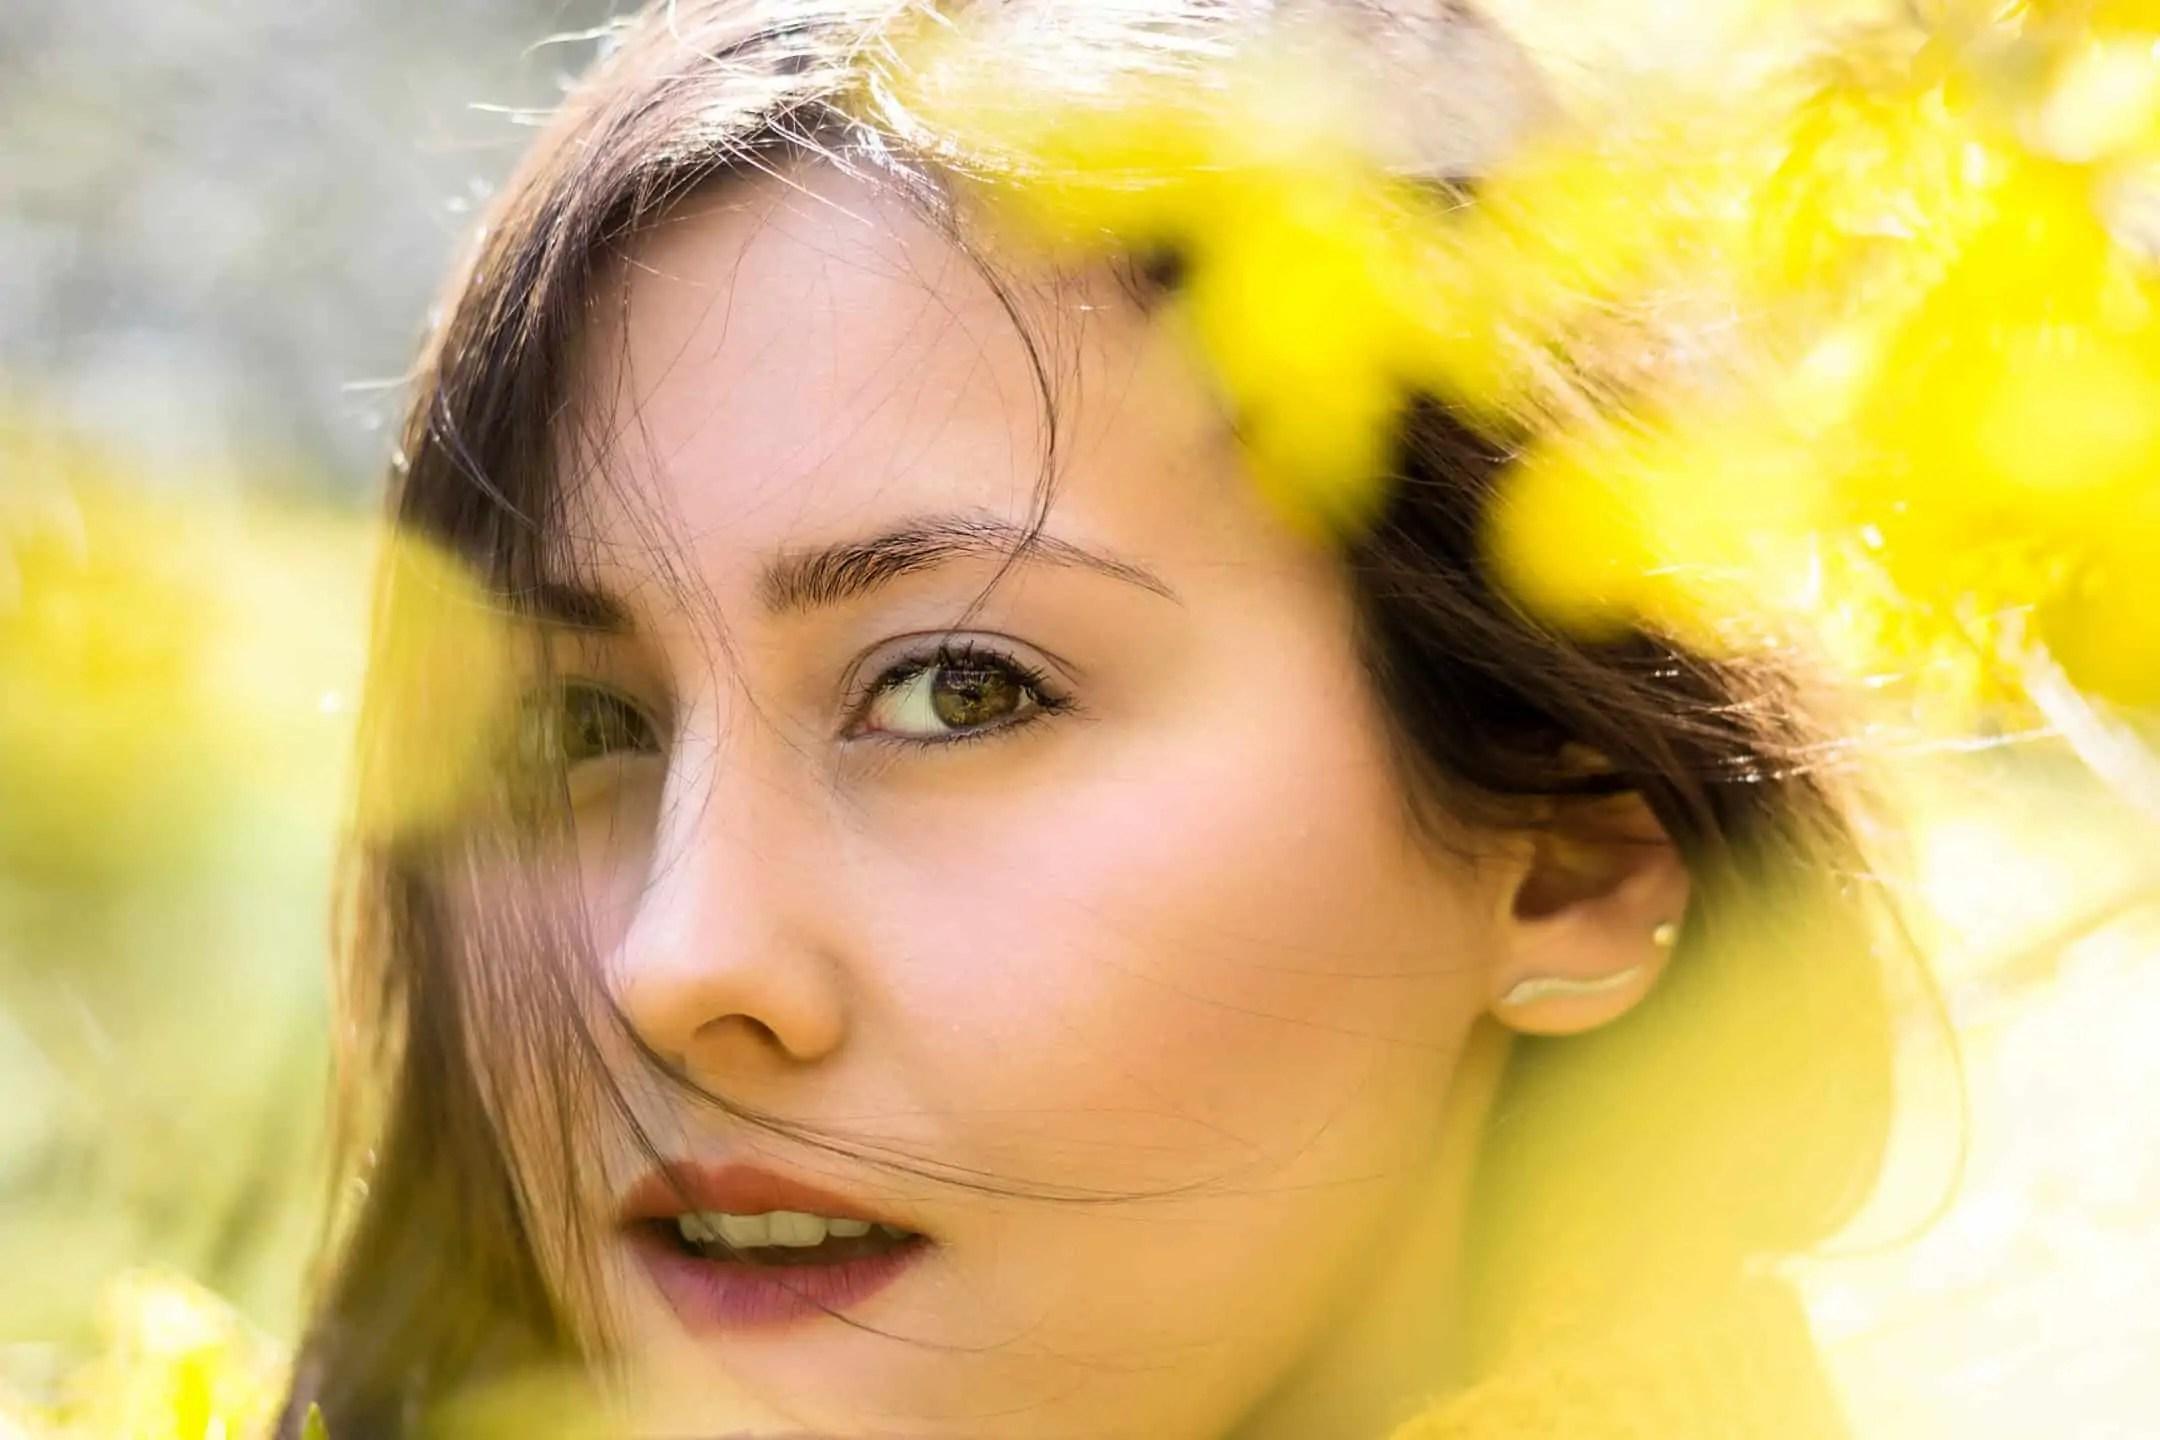 Plenerowa sesja zdjęciowa wiosenny portret moda i kwiaty la Ell-5